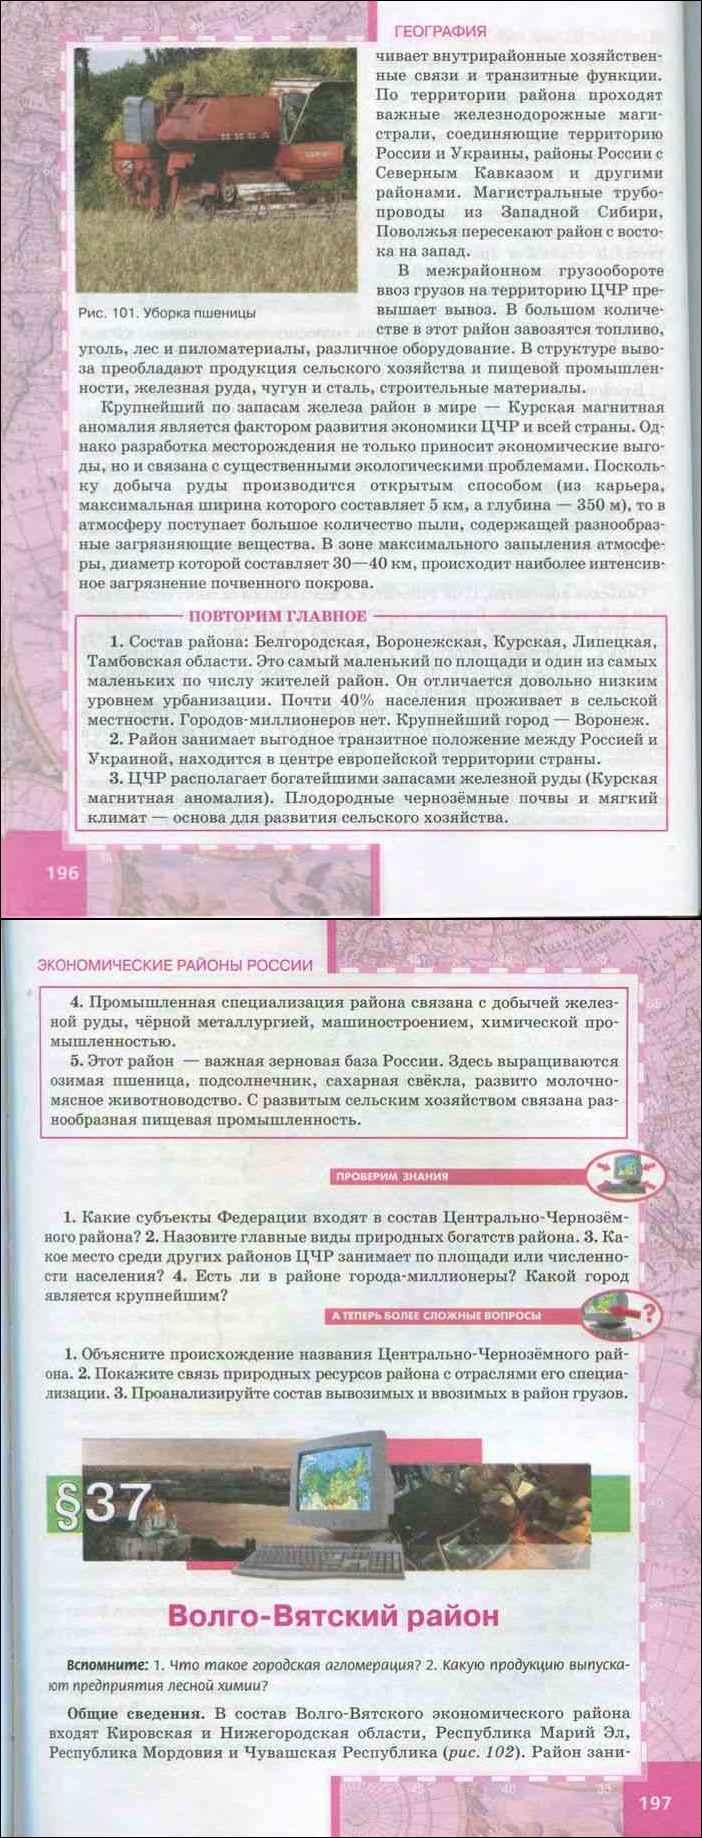 какую площадь занимает территория россии магазины-партнеры хоум кредит банка в ярославле